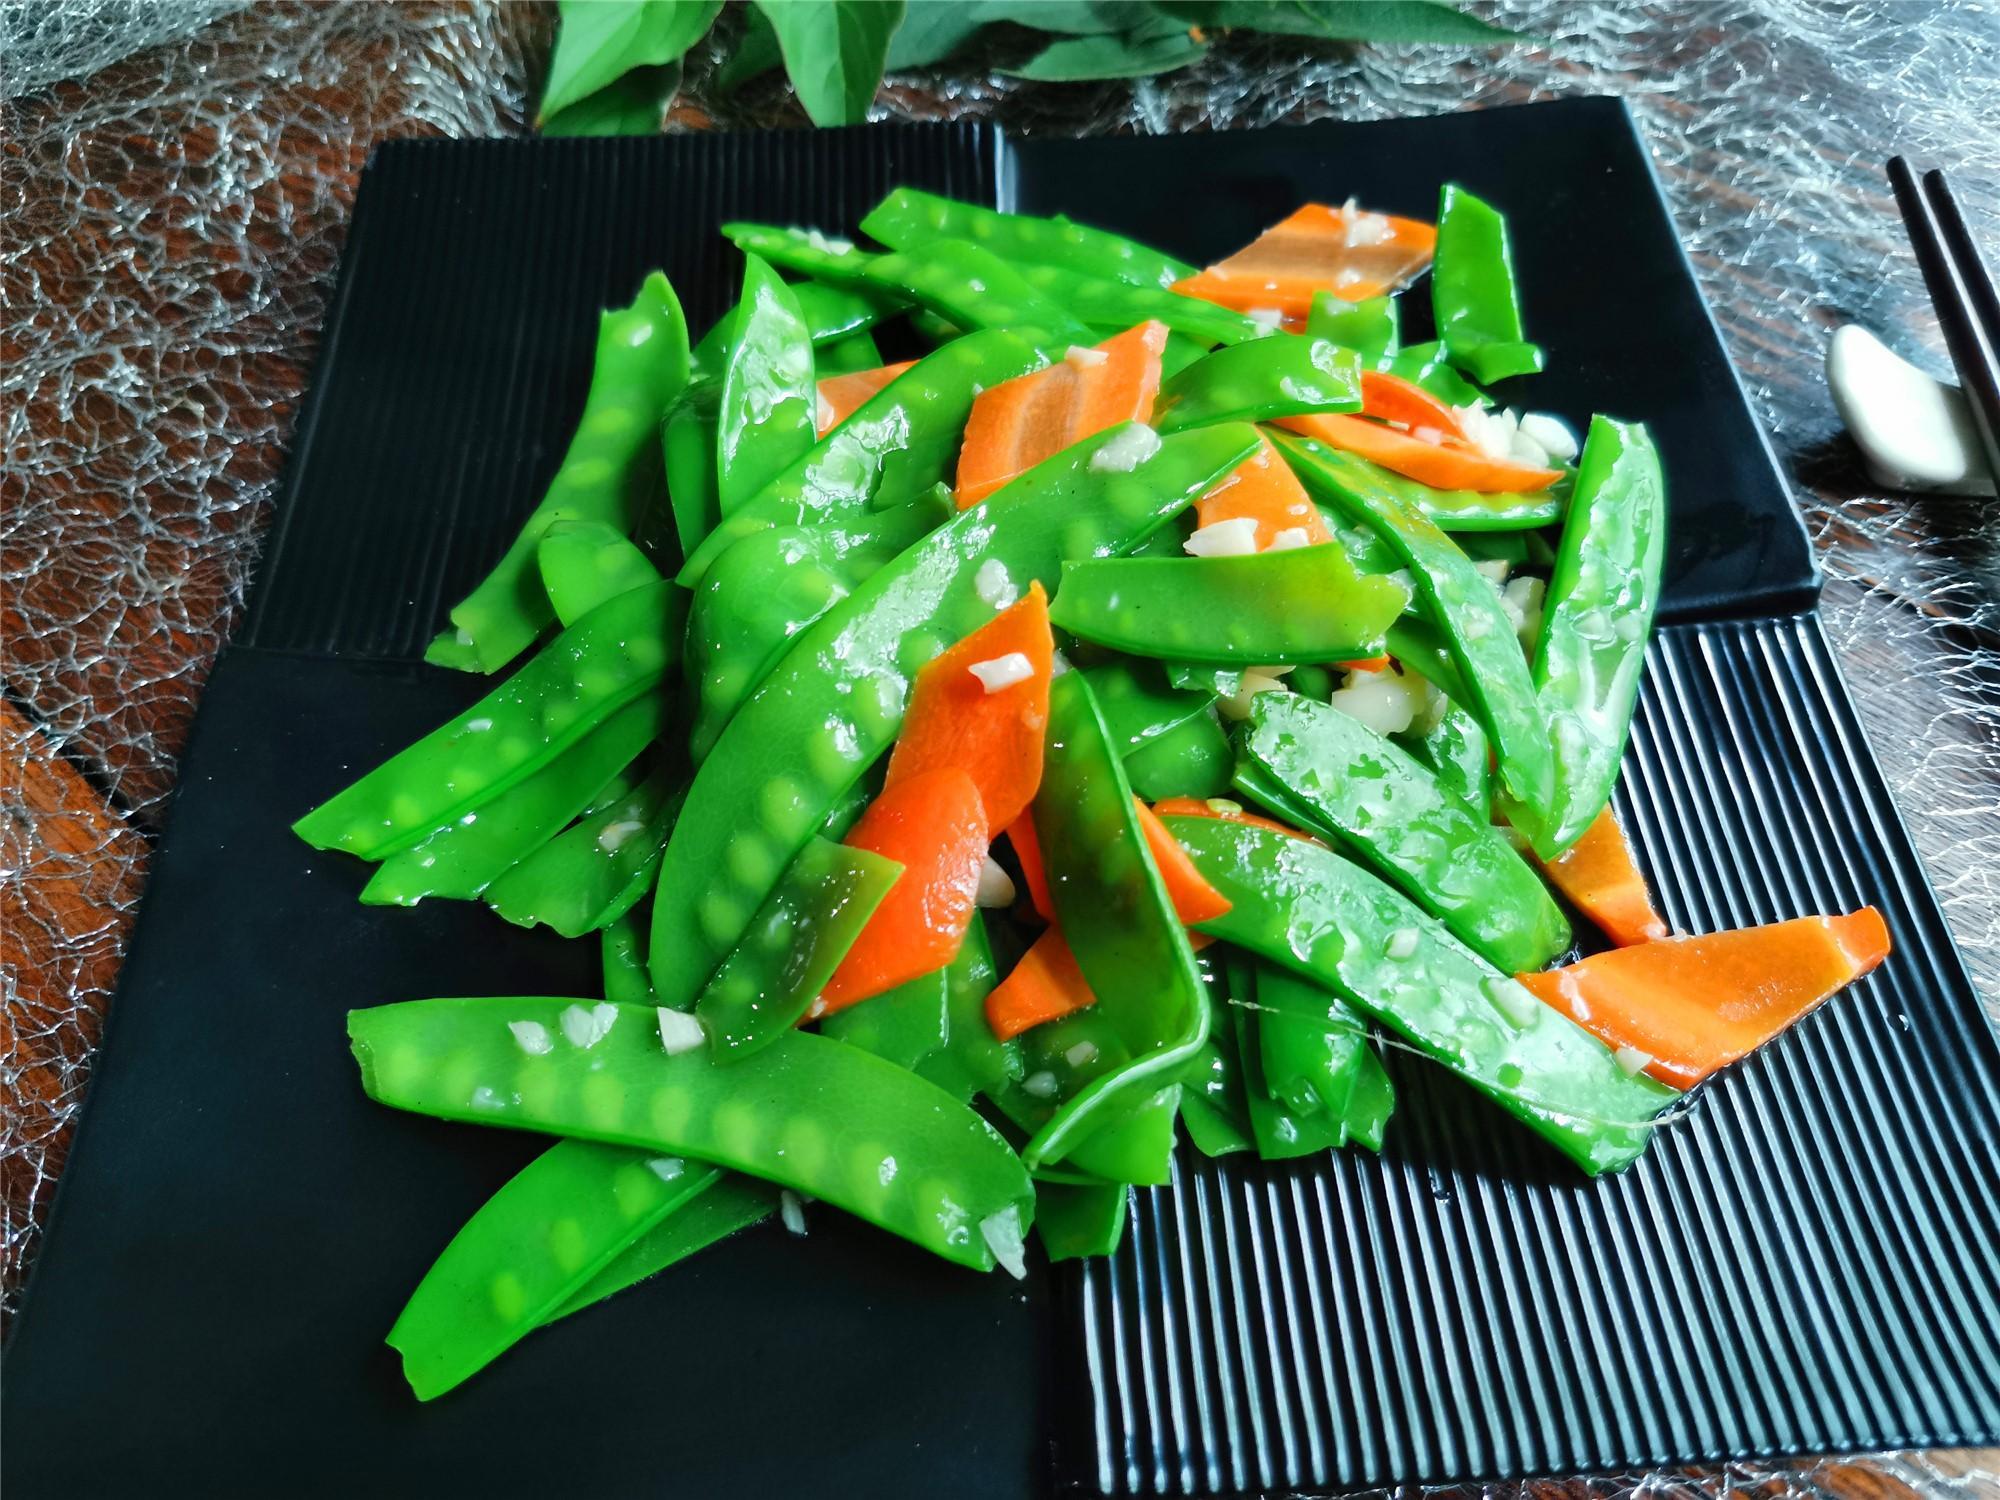 _年夜饭,大鱼大肉多,荤素搭配更健康,分享15道蔬菜小炒,收藏好